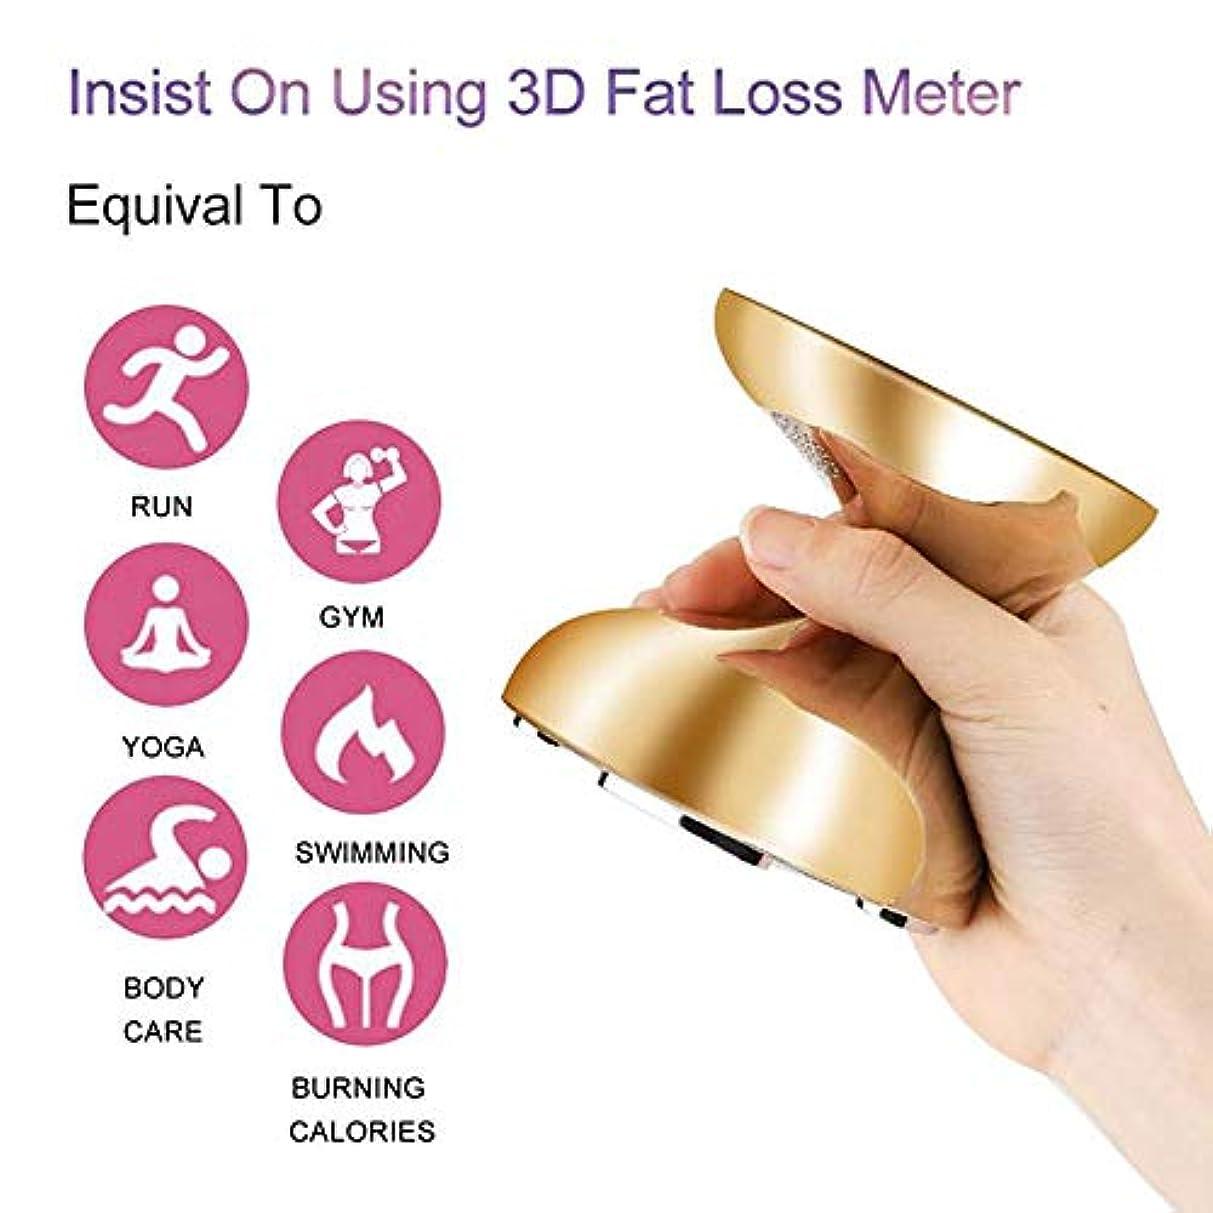 とげのある文法患者美容痩身ボディ楽器多機能 RF 超音波皮膚リフティング若返り脂肪バーナー高周波機器,Gold